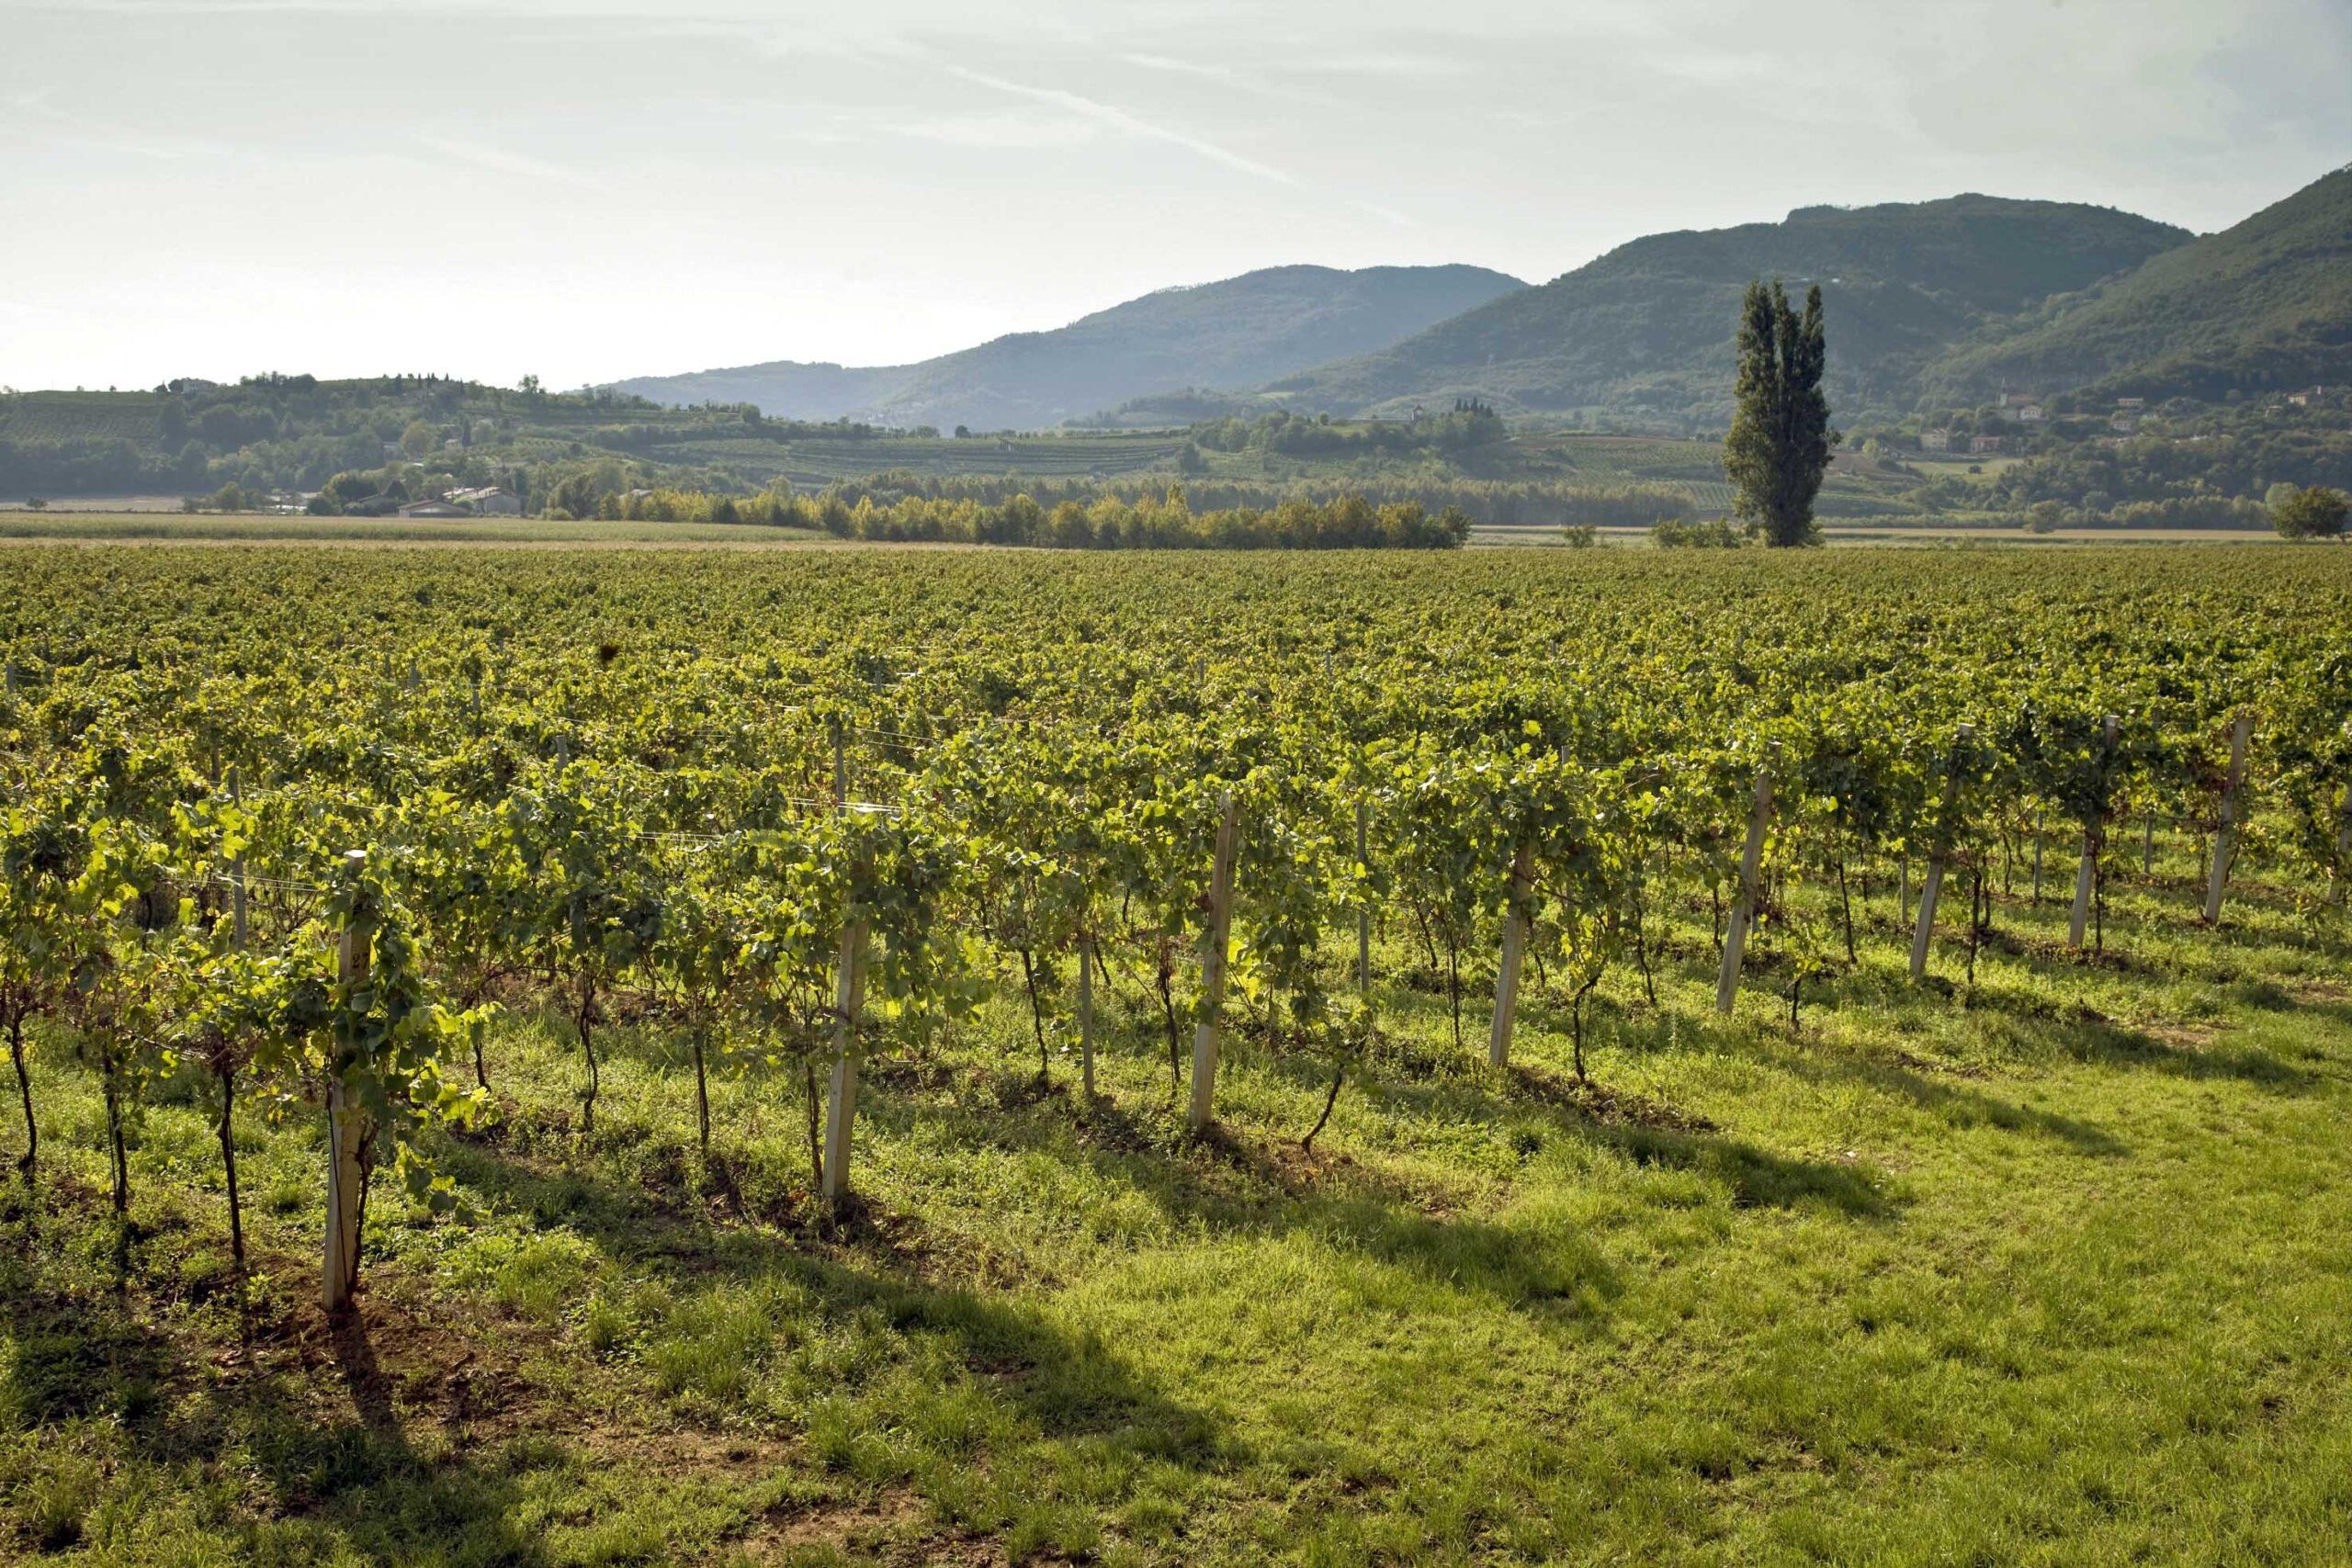 L'Europa rassicura il settore. Il vino non sarà penalizzato.